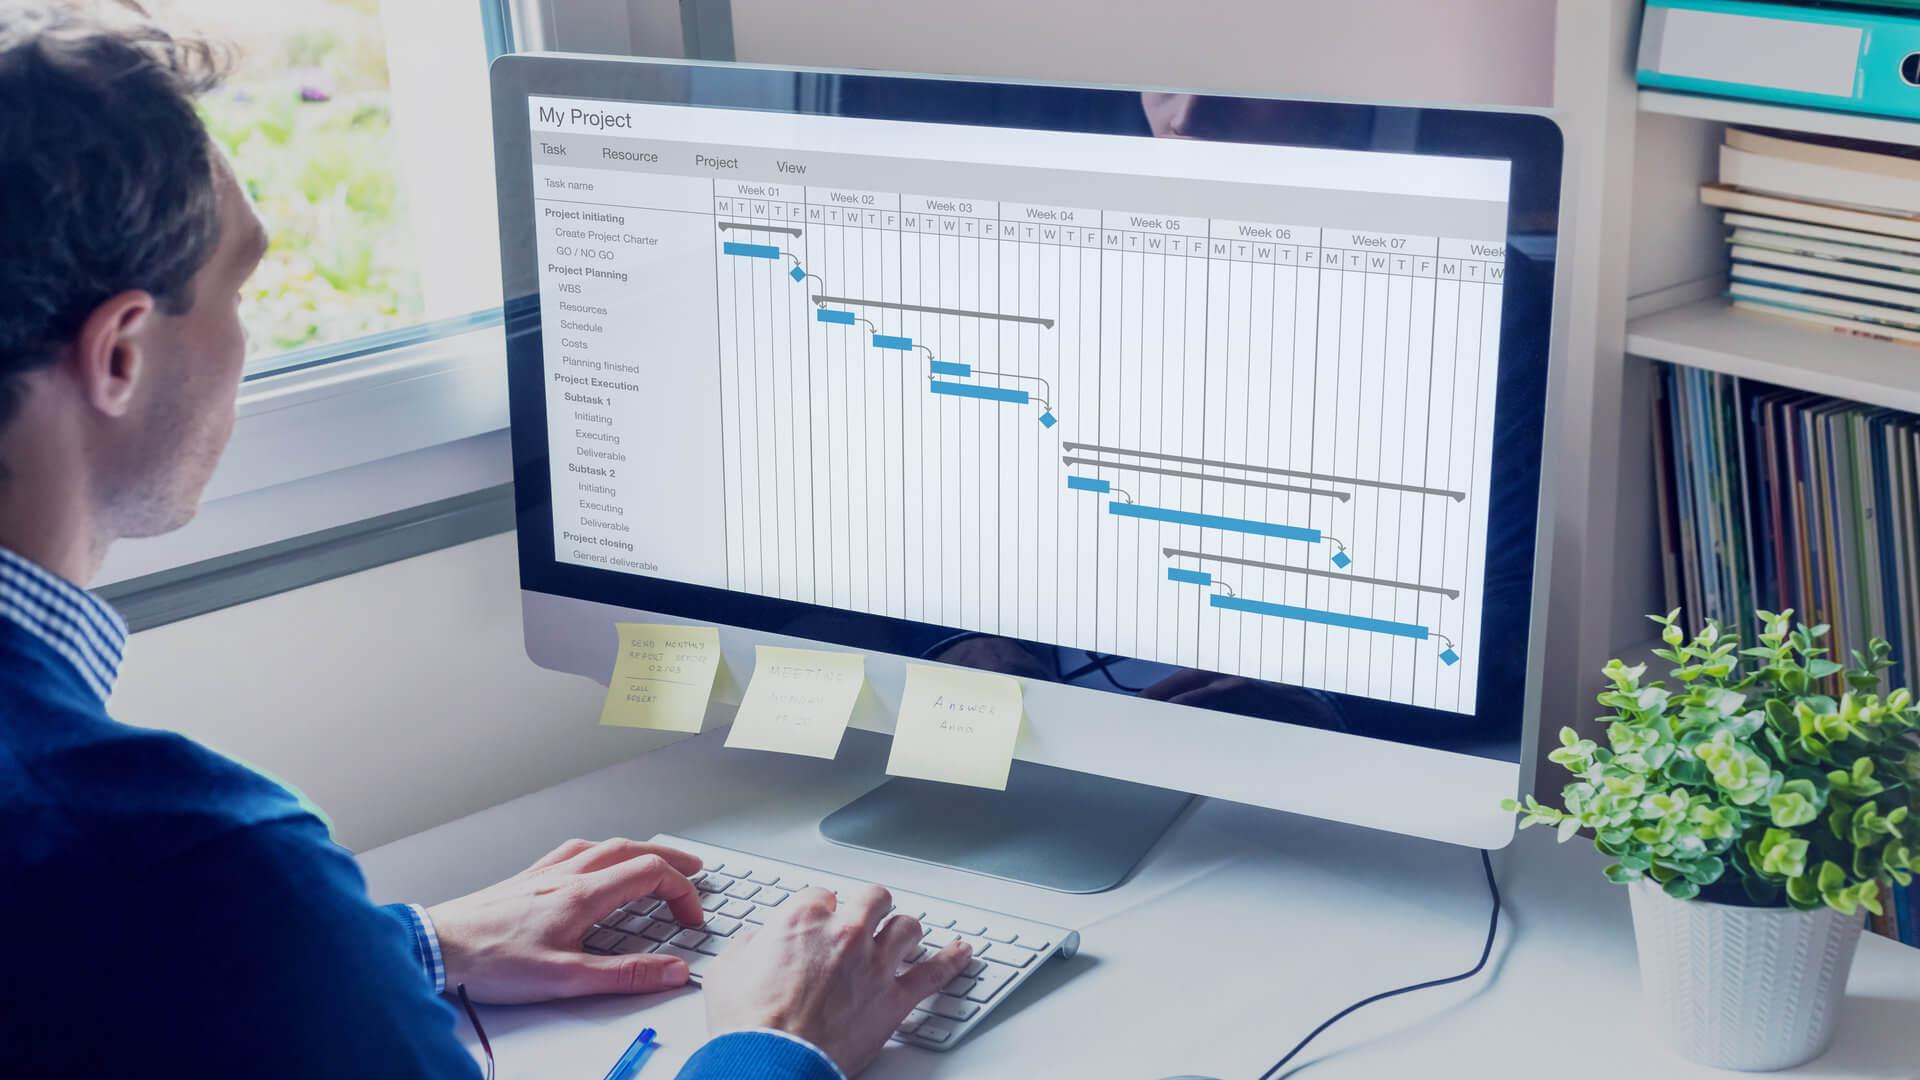 enterprise-project-management-software